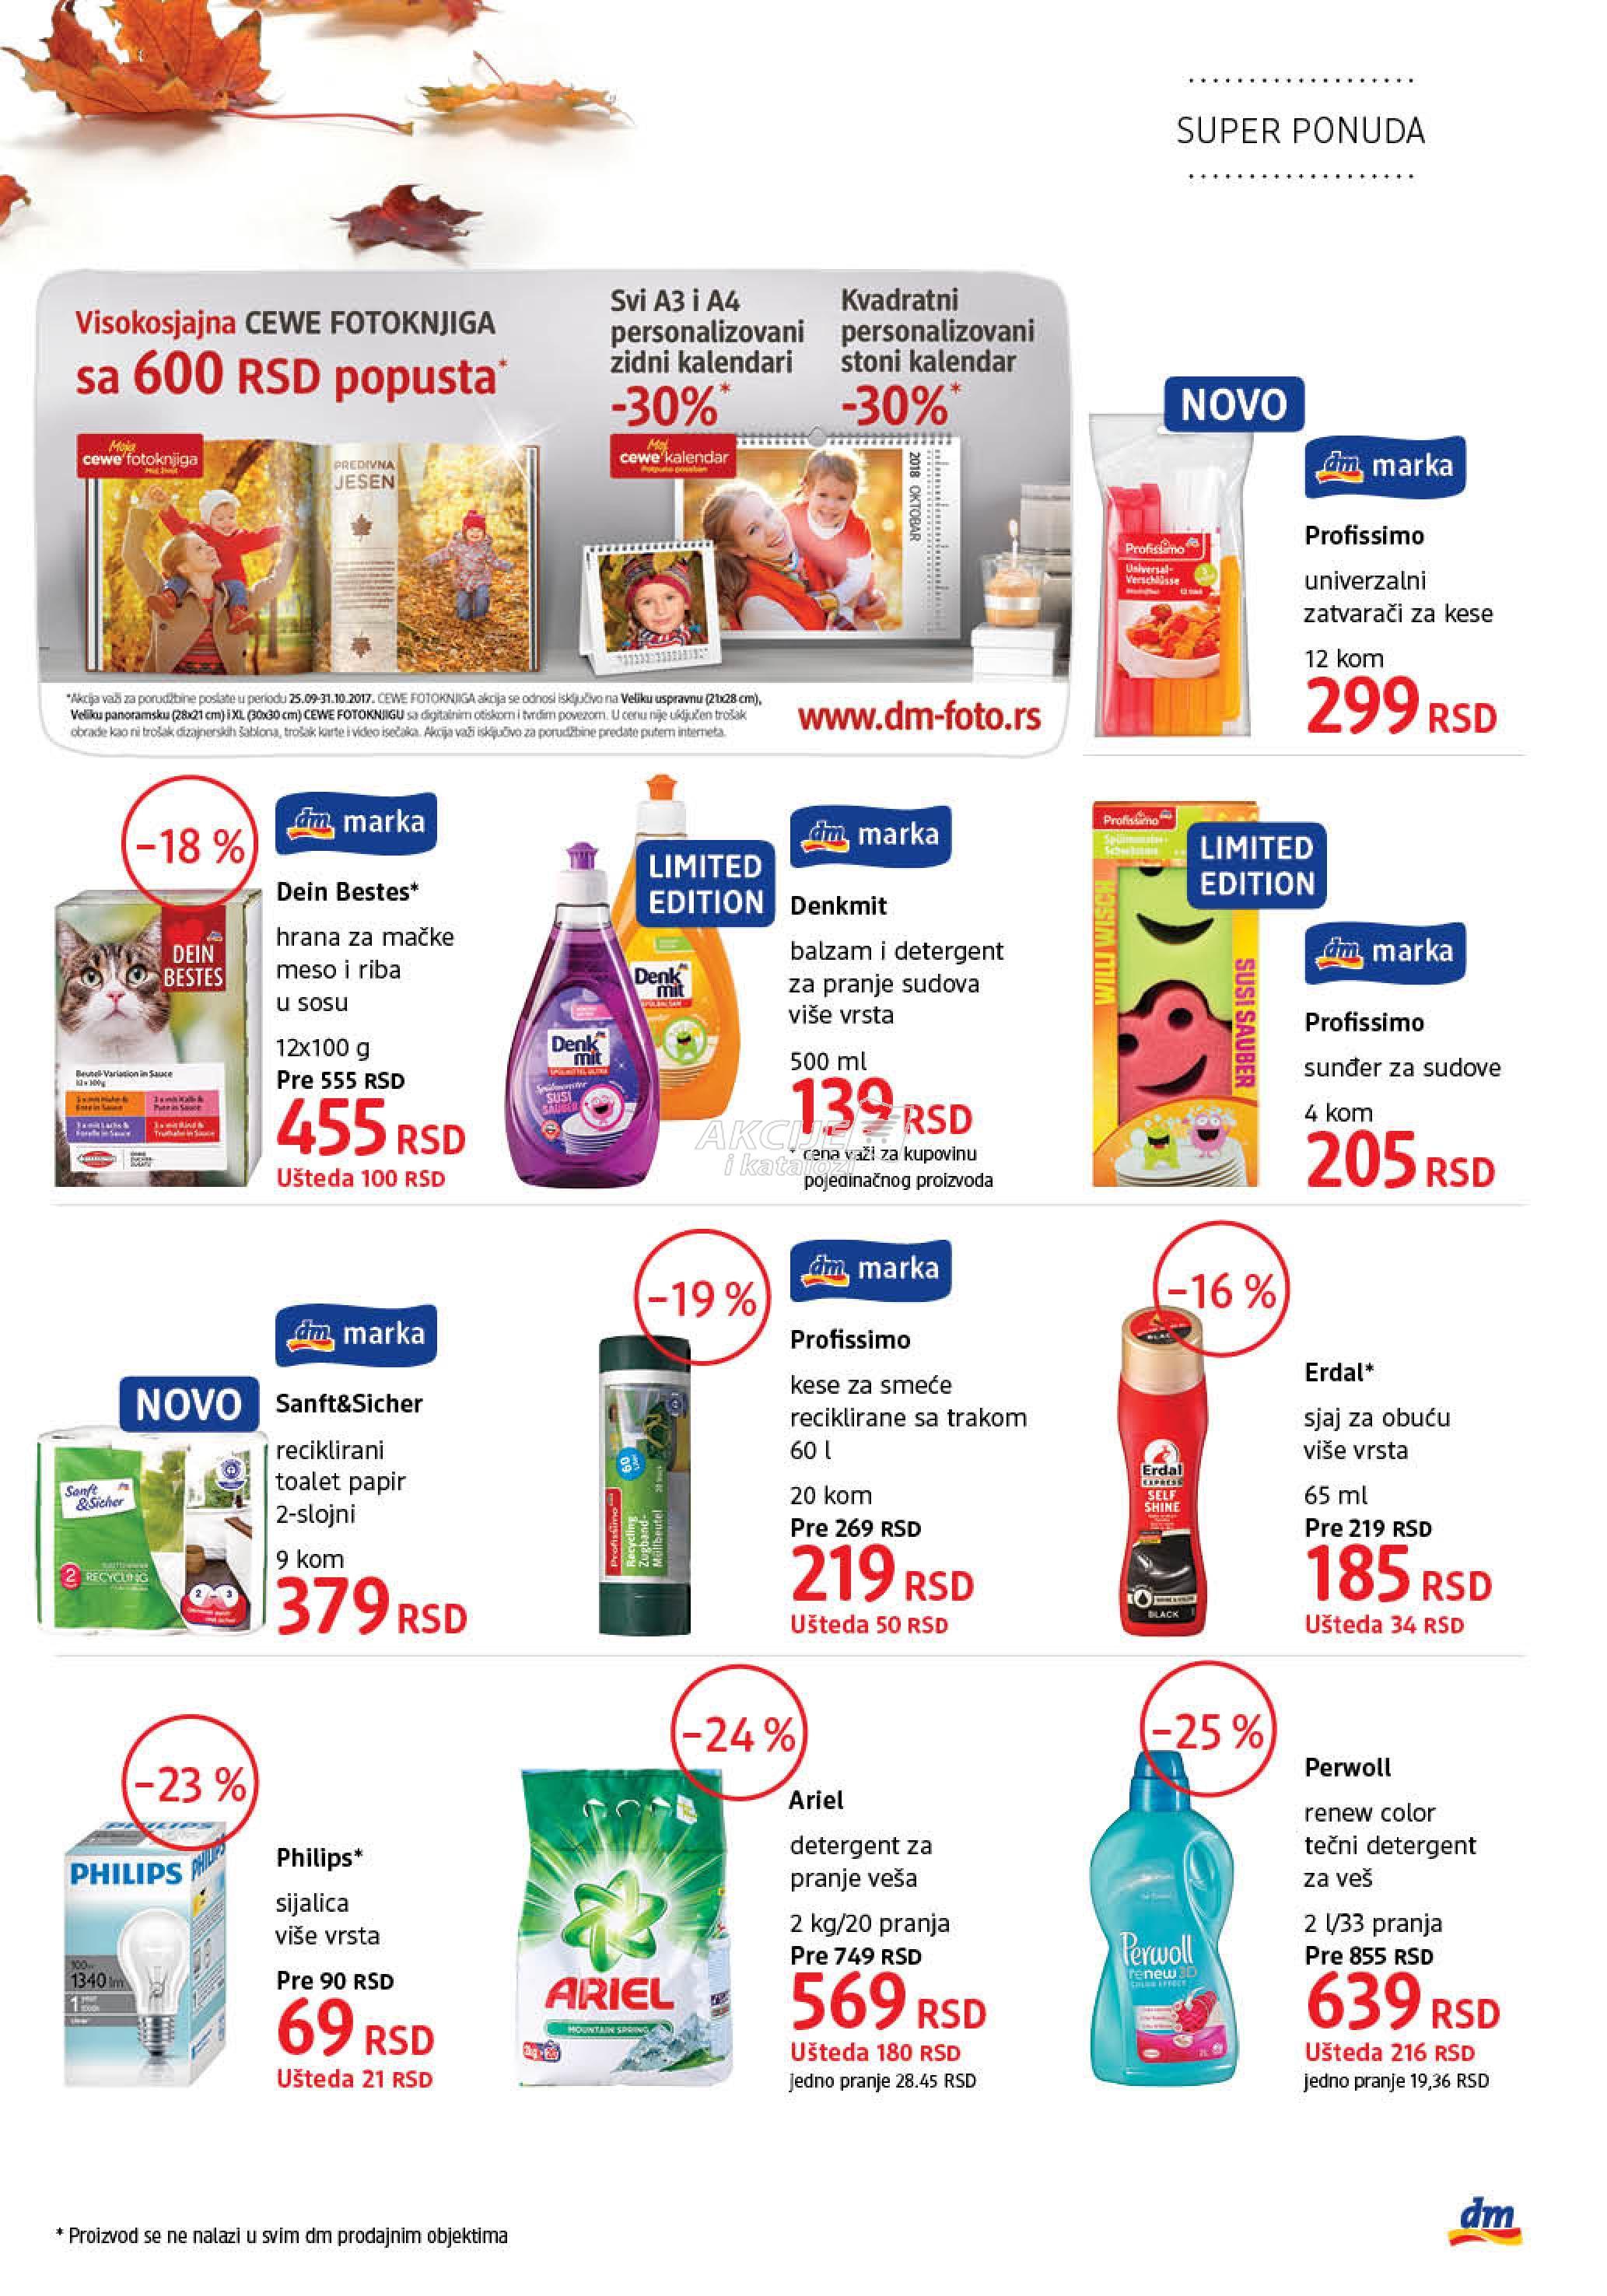 DM akcija jesenje kupovine